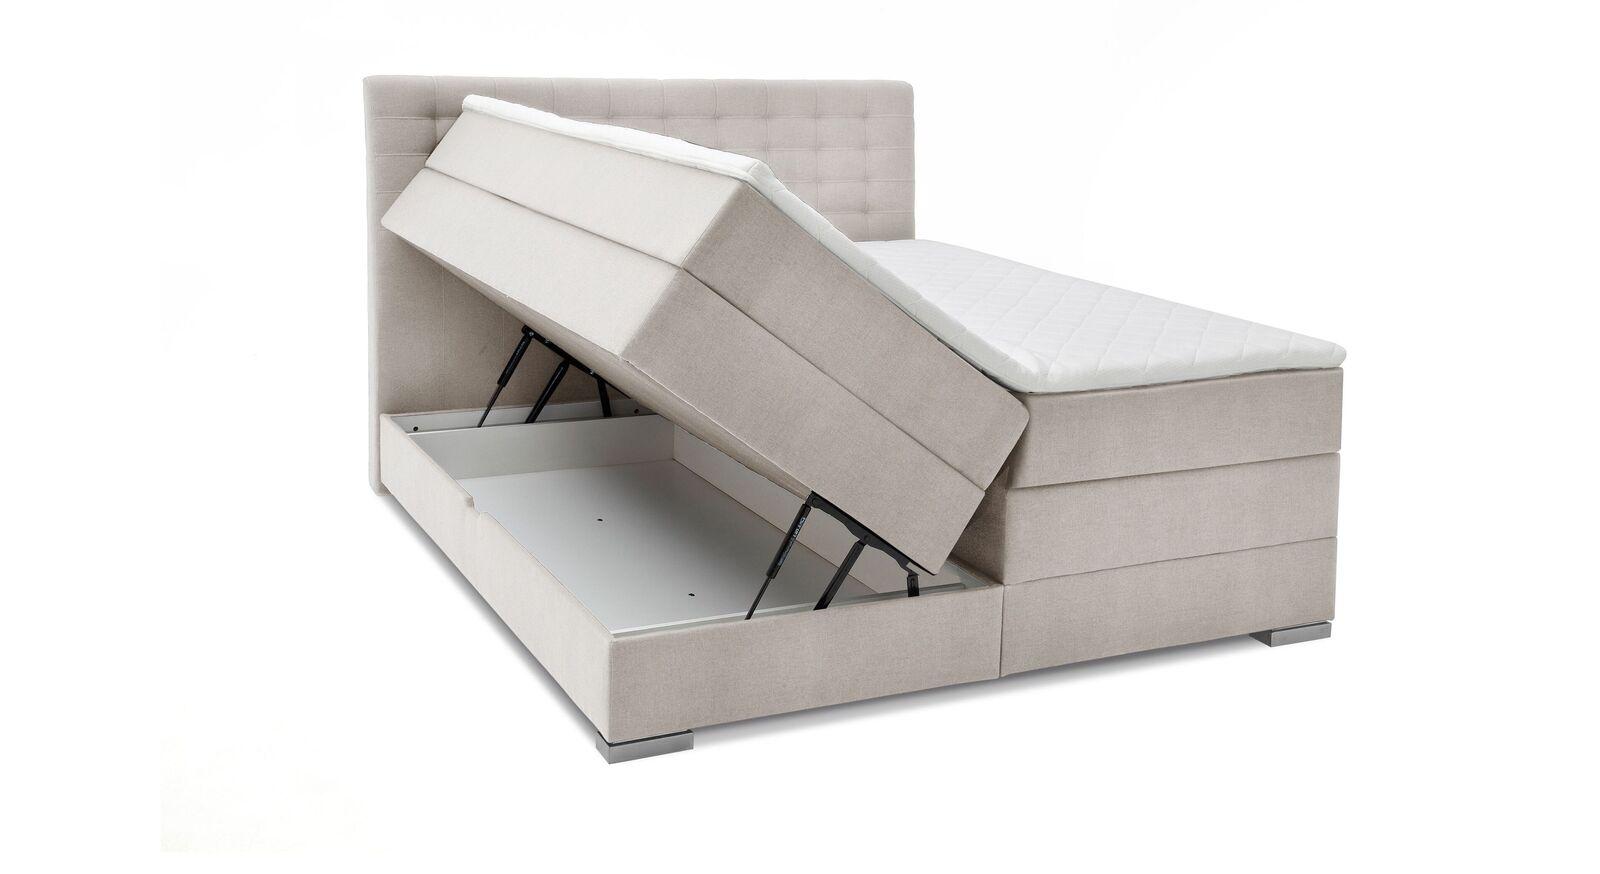 Bettkasten-Boxspringbett Agulo aus beigem Velours-Webstoff